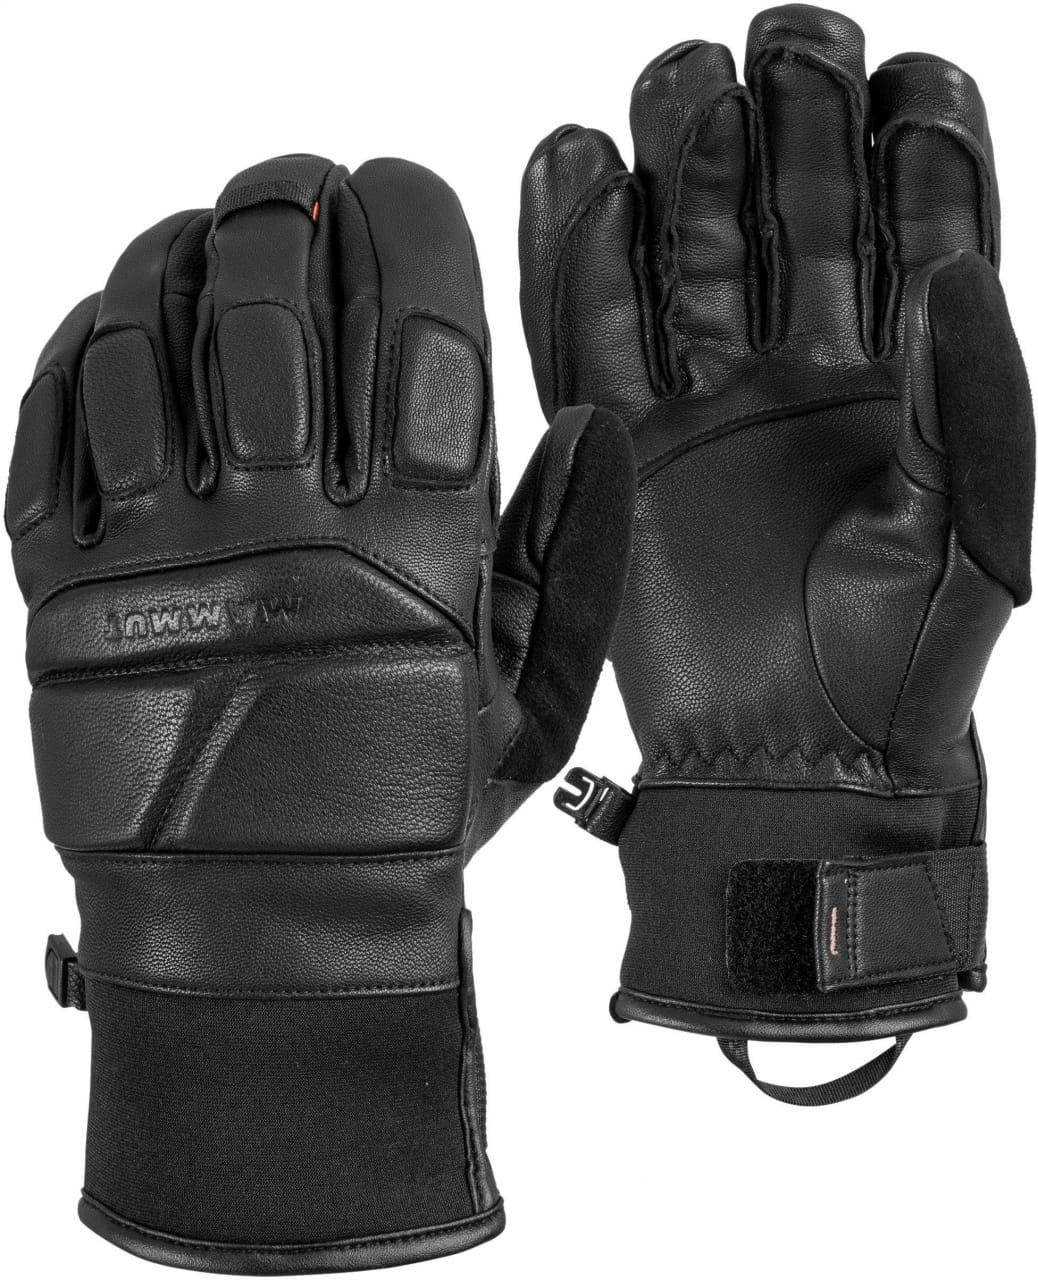 Rukavice Mammut La Liste Glove